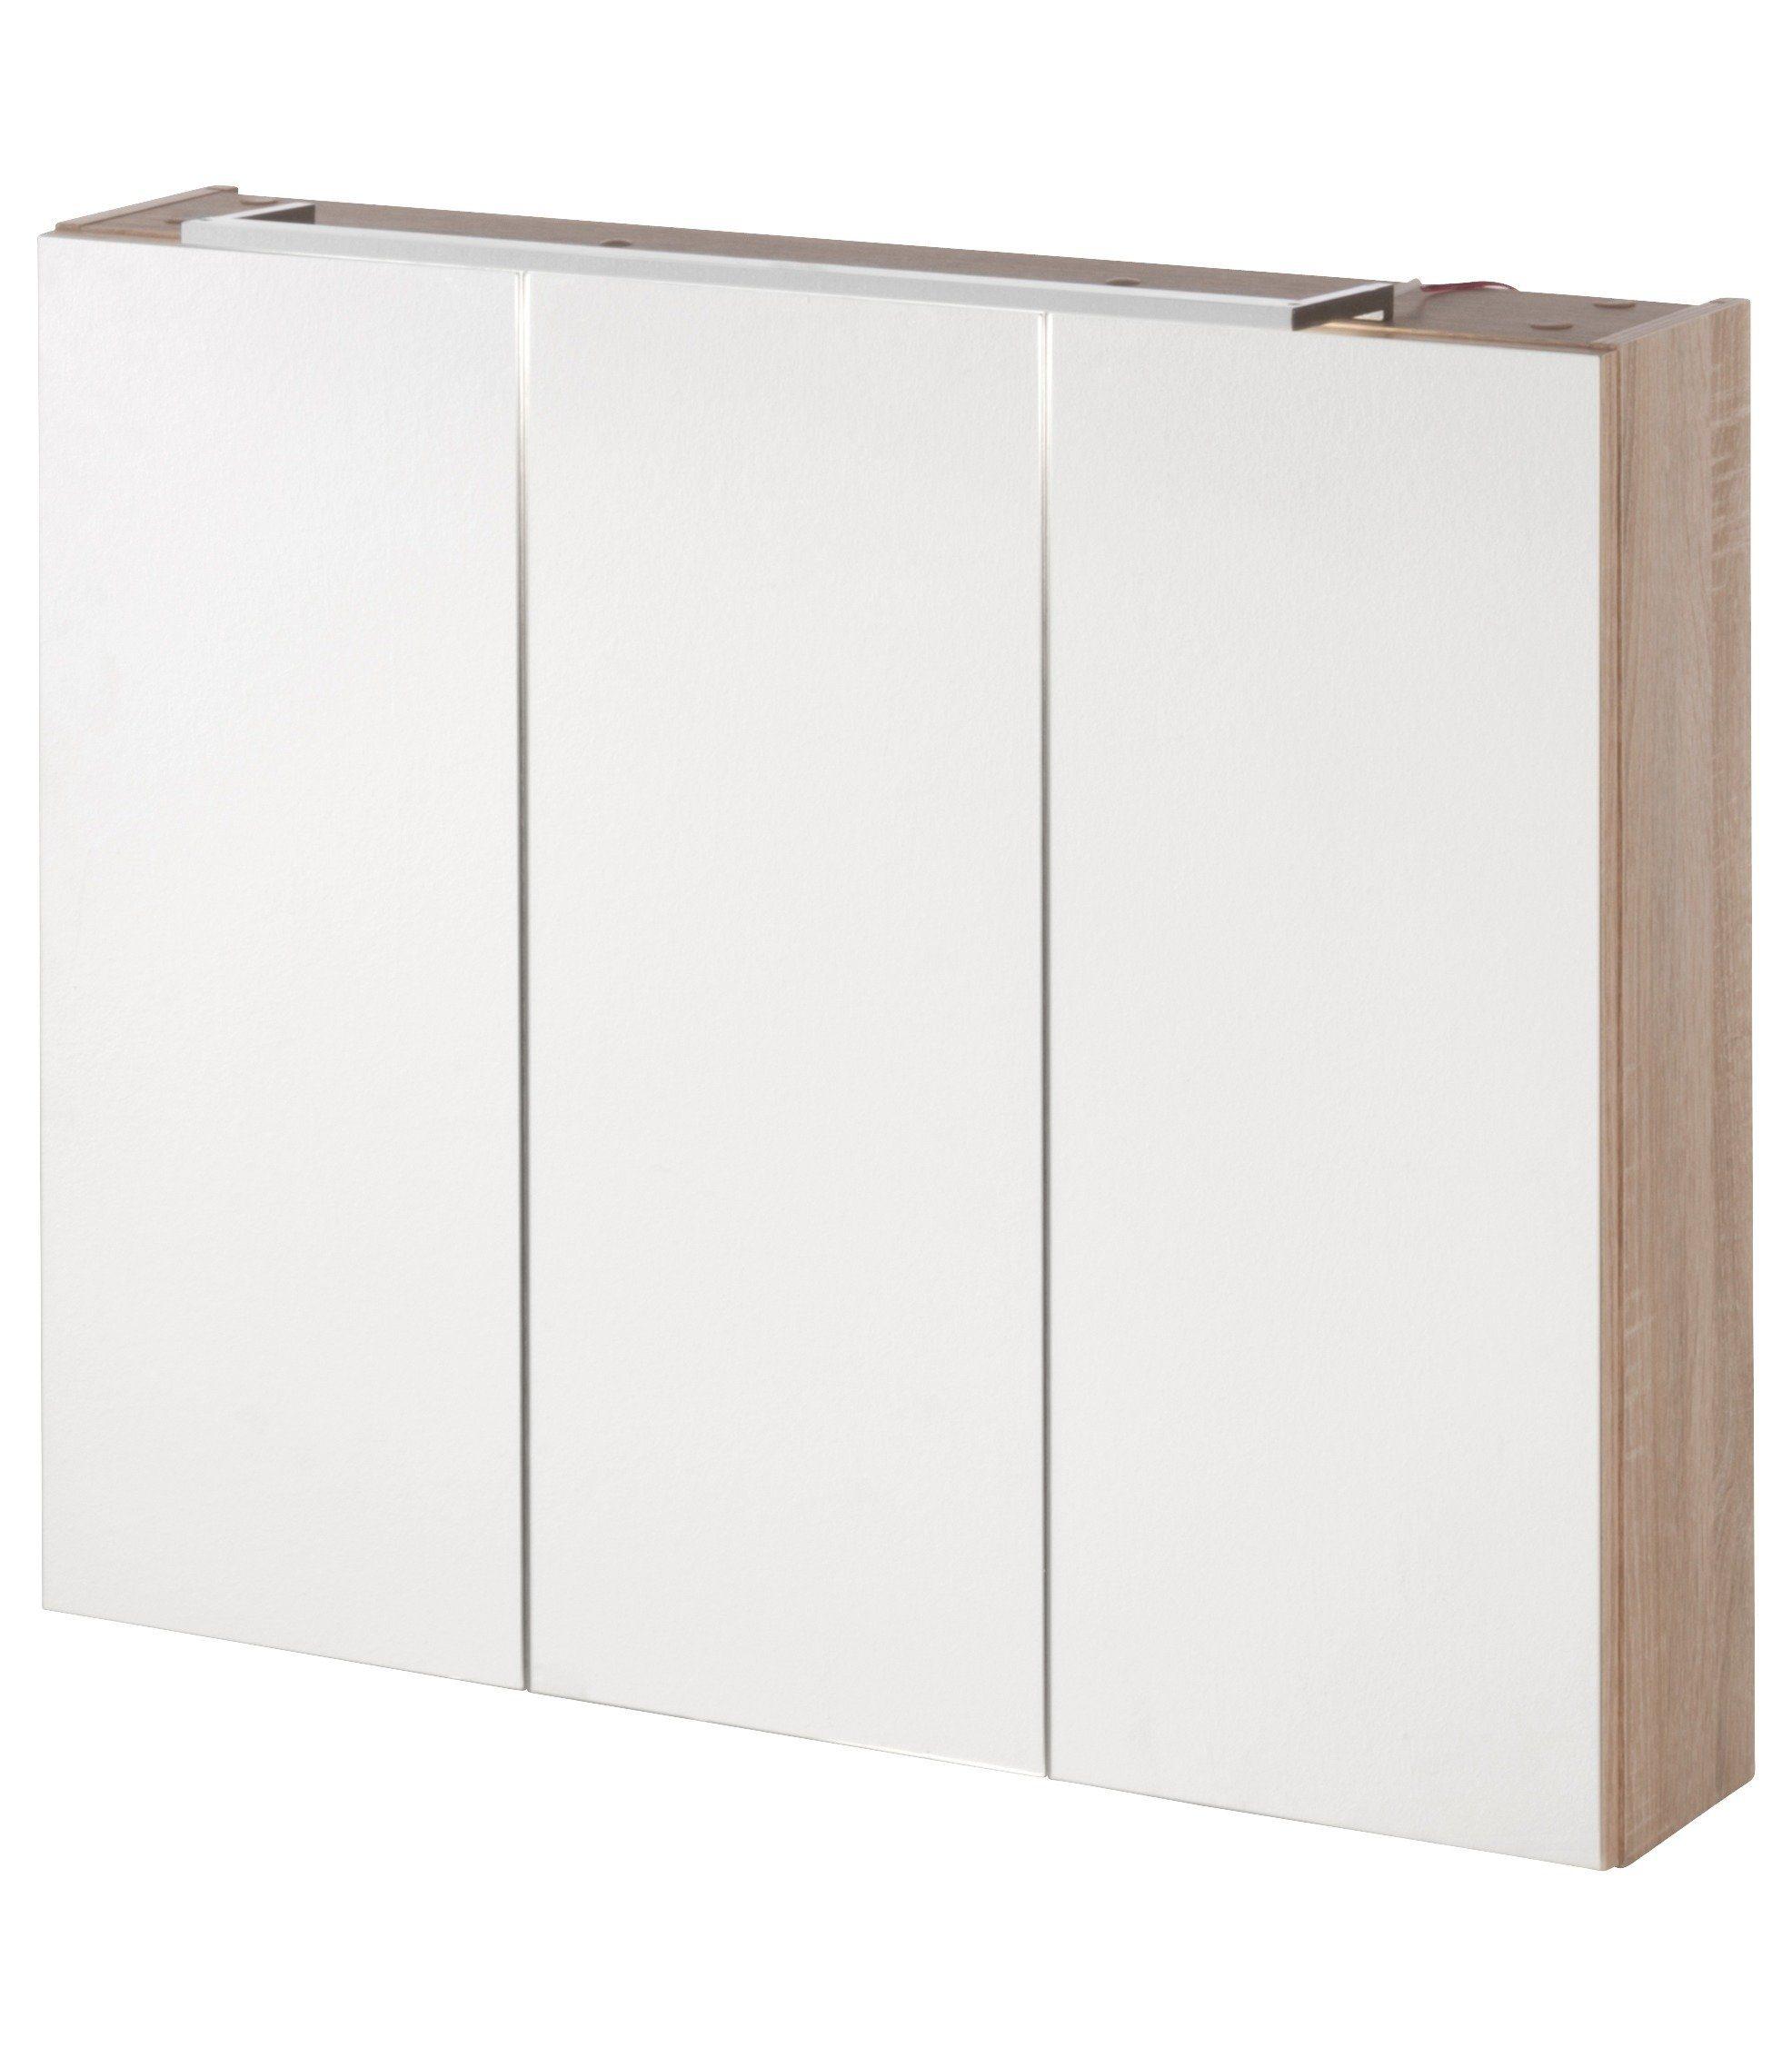 KESPER Spiegelschrank »Montana«, Breite 80 cm